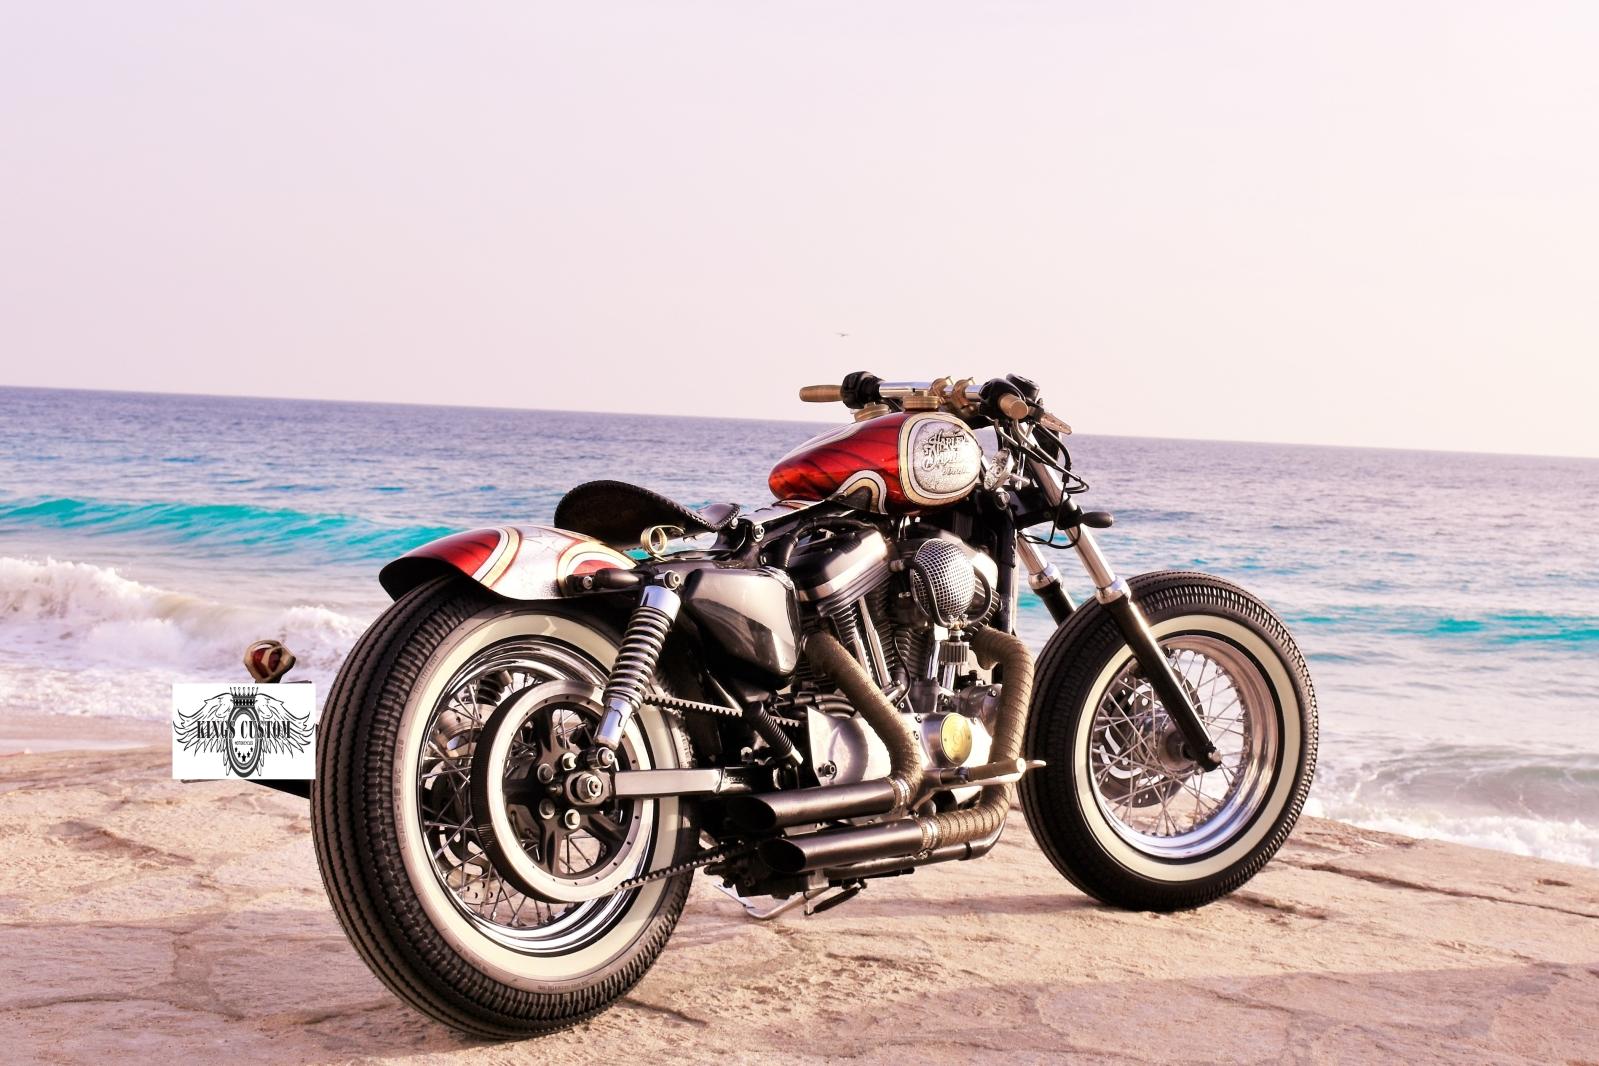 KINGS CUSTOM Motorcycle fotos 10y1b8k